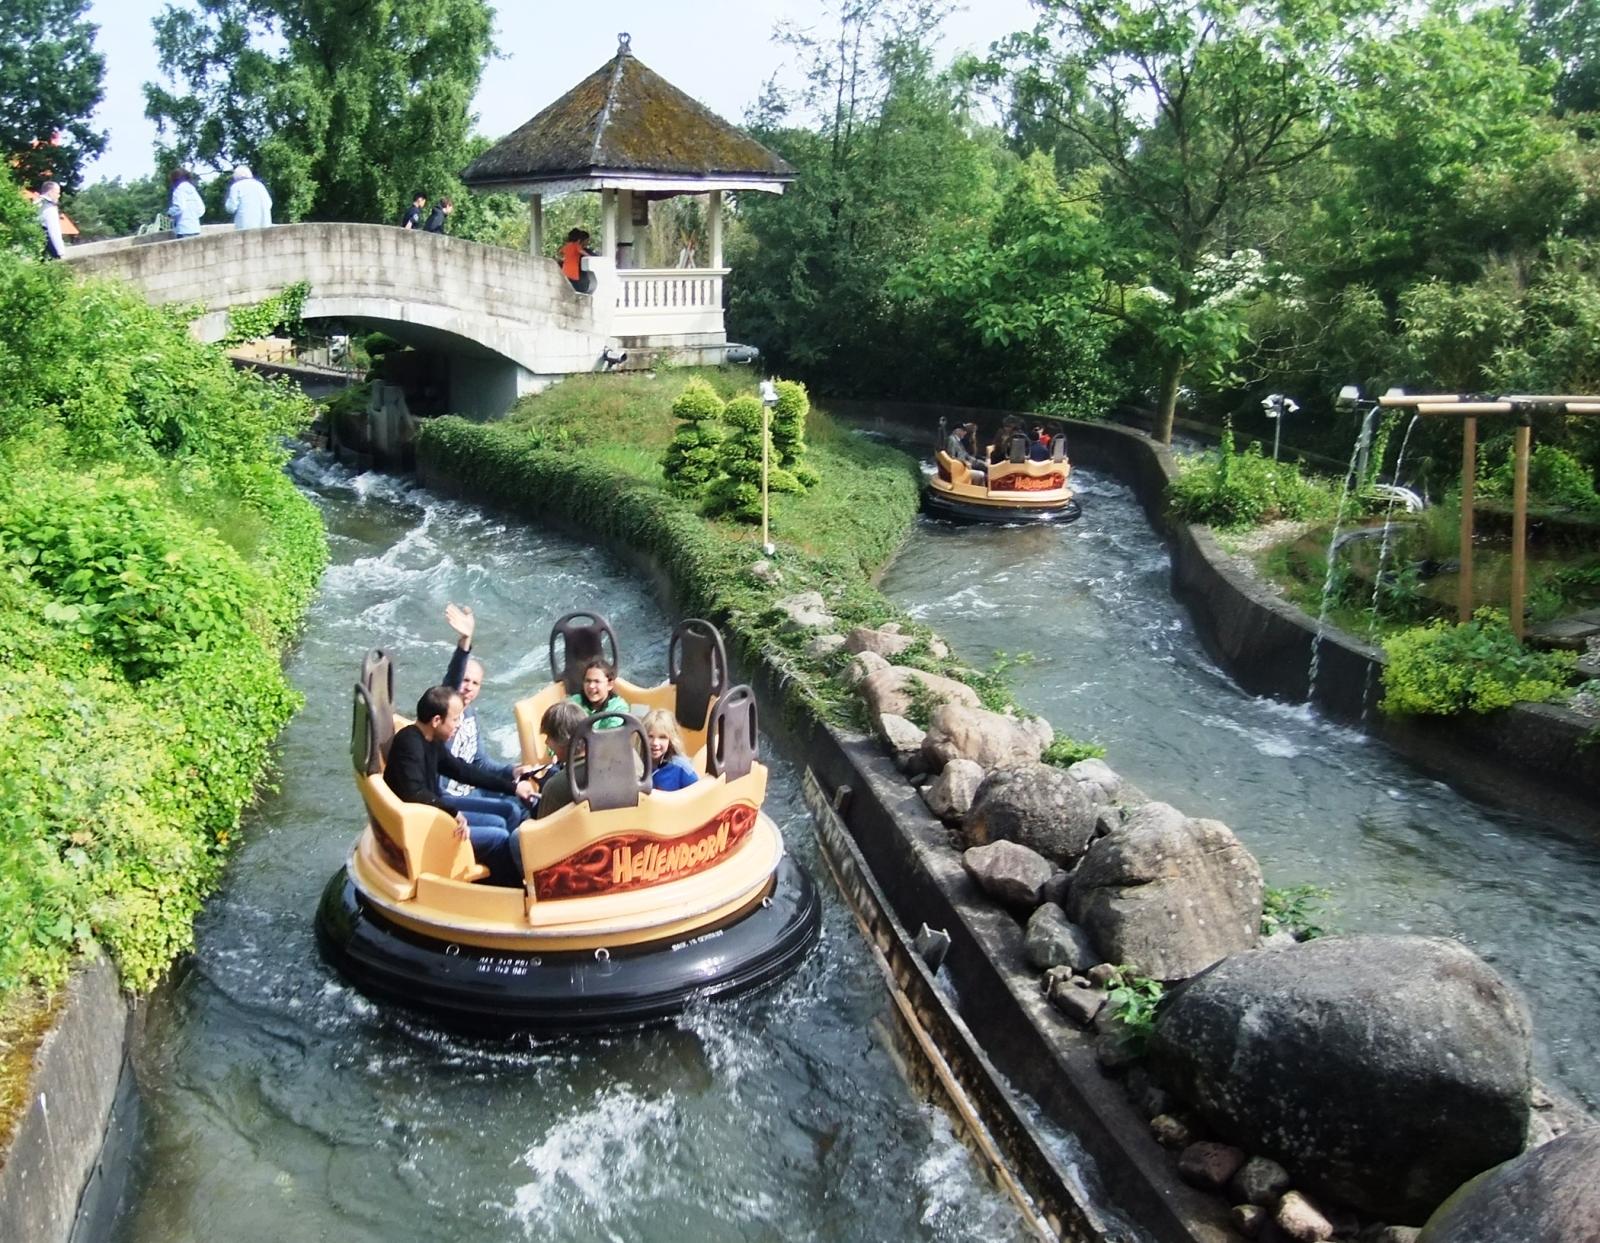 Wildwaterbaan Sungai Kalimantan in Avonturenpark Hellendoorn - Foto: © Adri van Esch